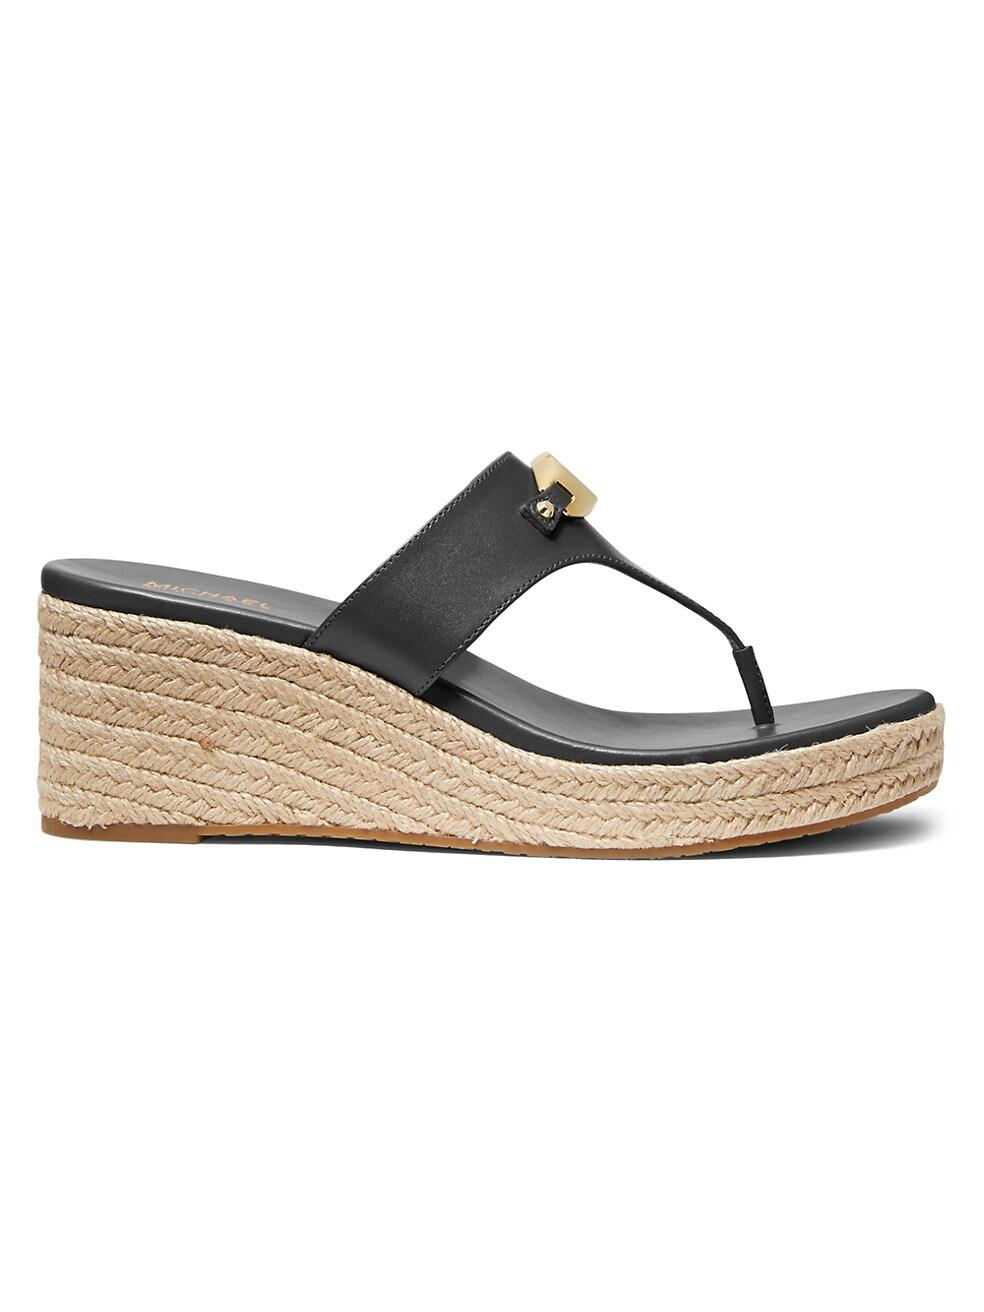 마이클 코어스 Michael Kors Tilly Leather Espadrille Thong Wedge Sandals,BLACK